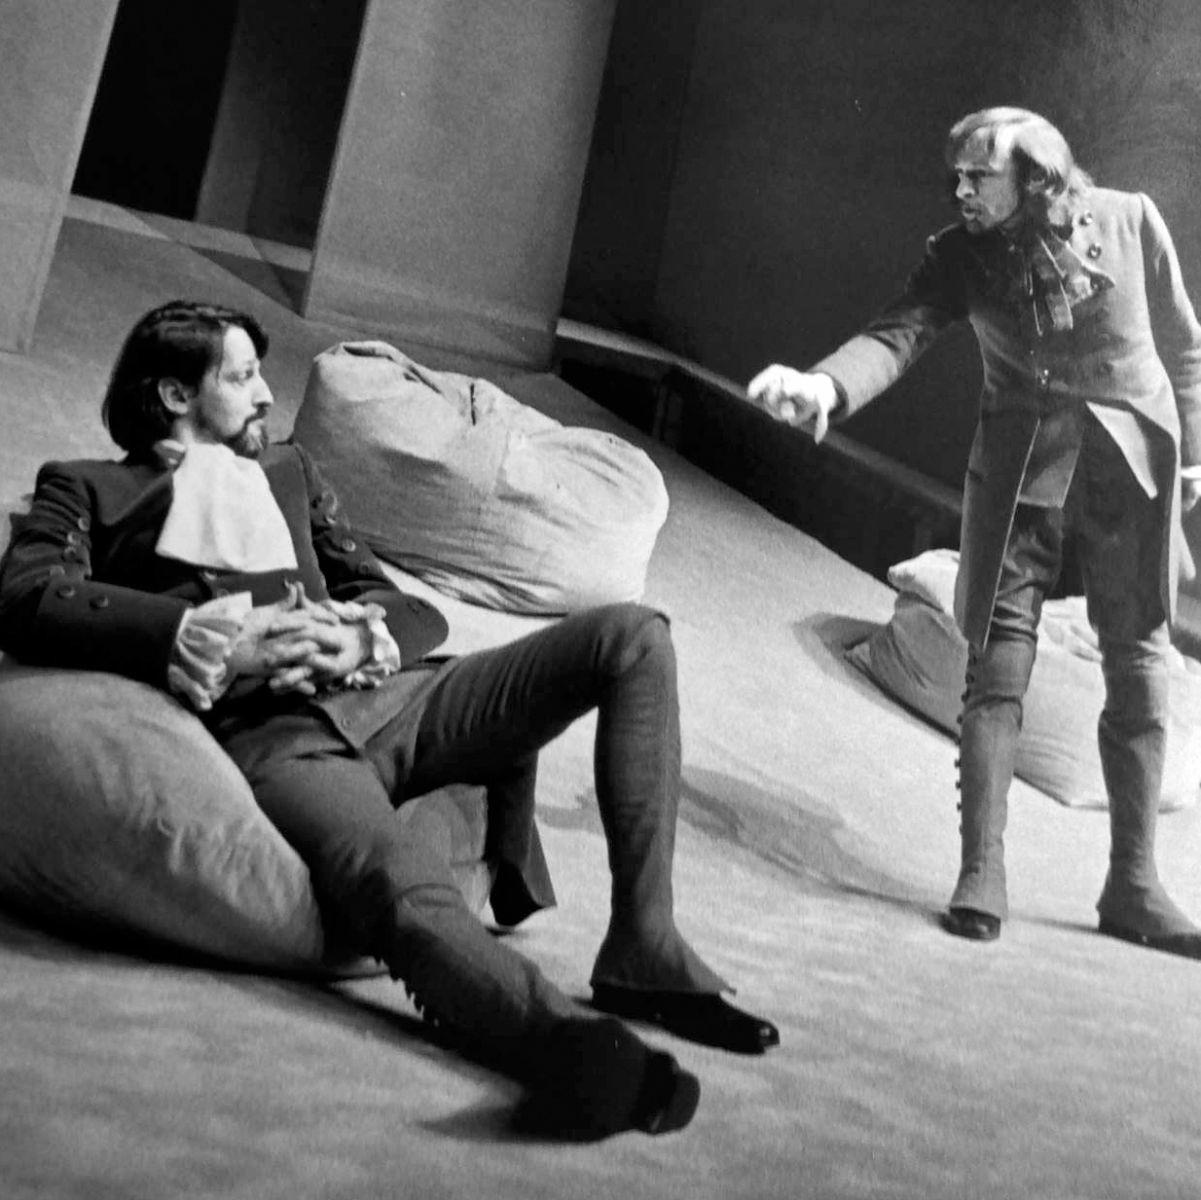 Avec Pierre Collin dans Le Misanthrope (Philinte), TNM 1971